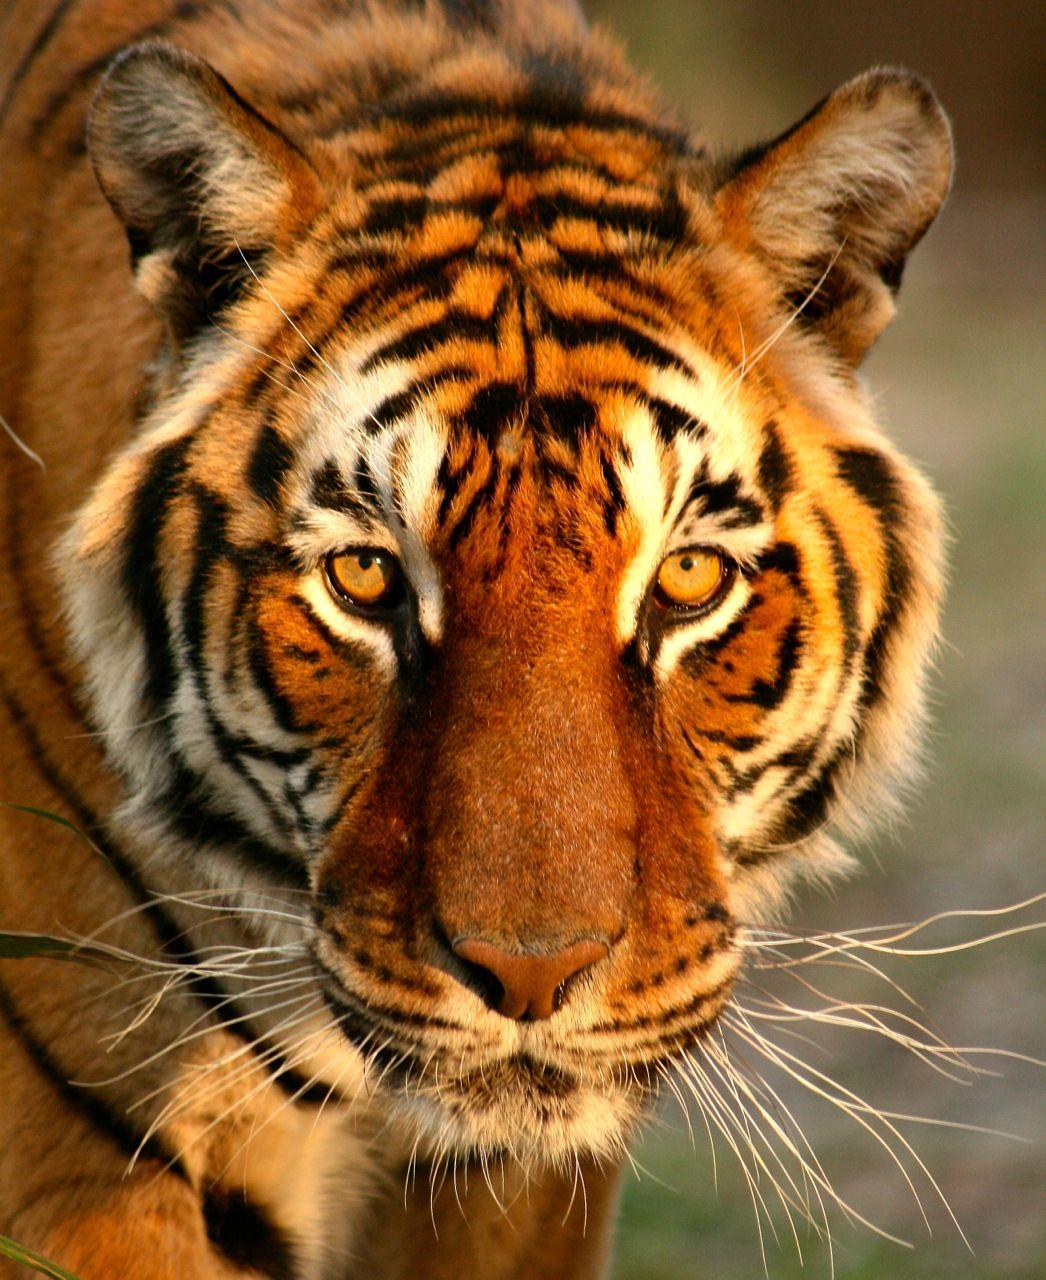 BENGALI ) tiger bigcatrescue caturday bigcats Big